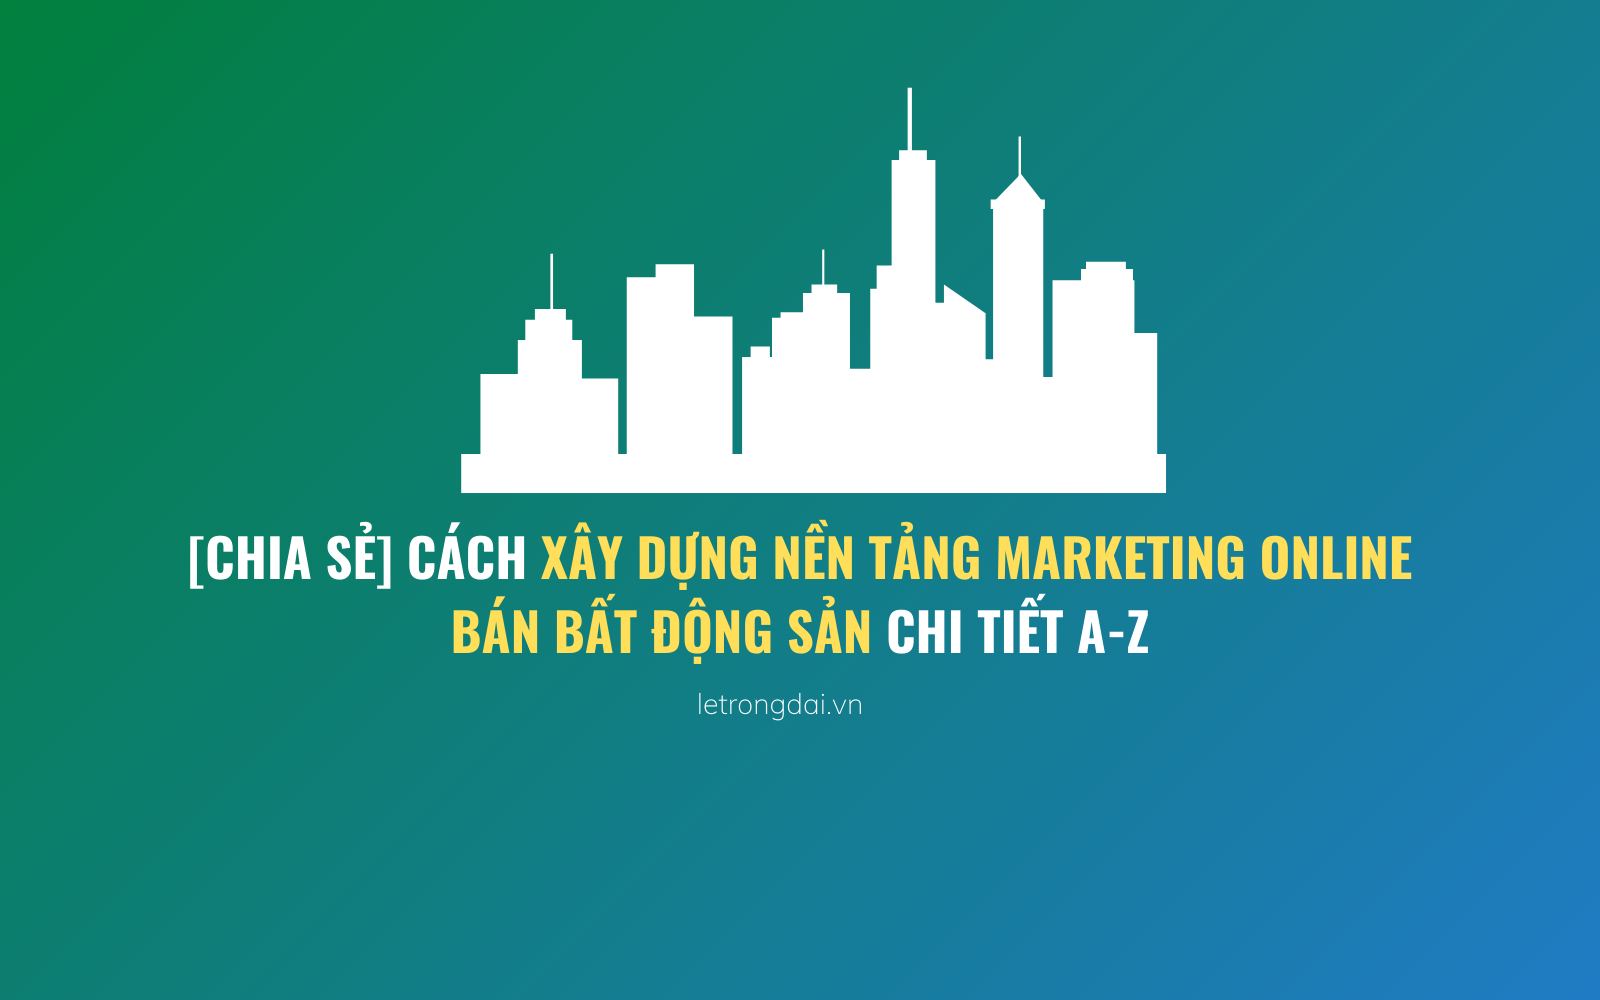 Cách Xây Dựng Nền Tảng Marketing Online Bán Bất động Sản 1